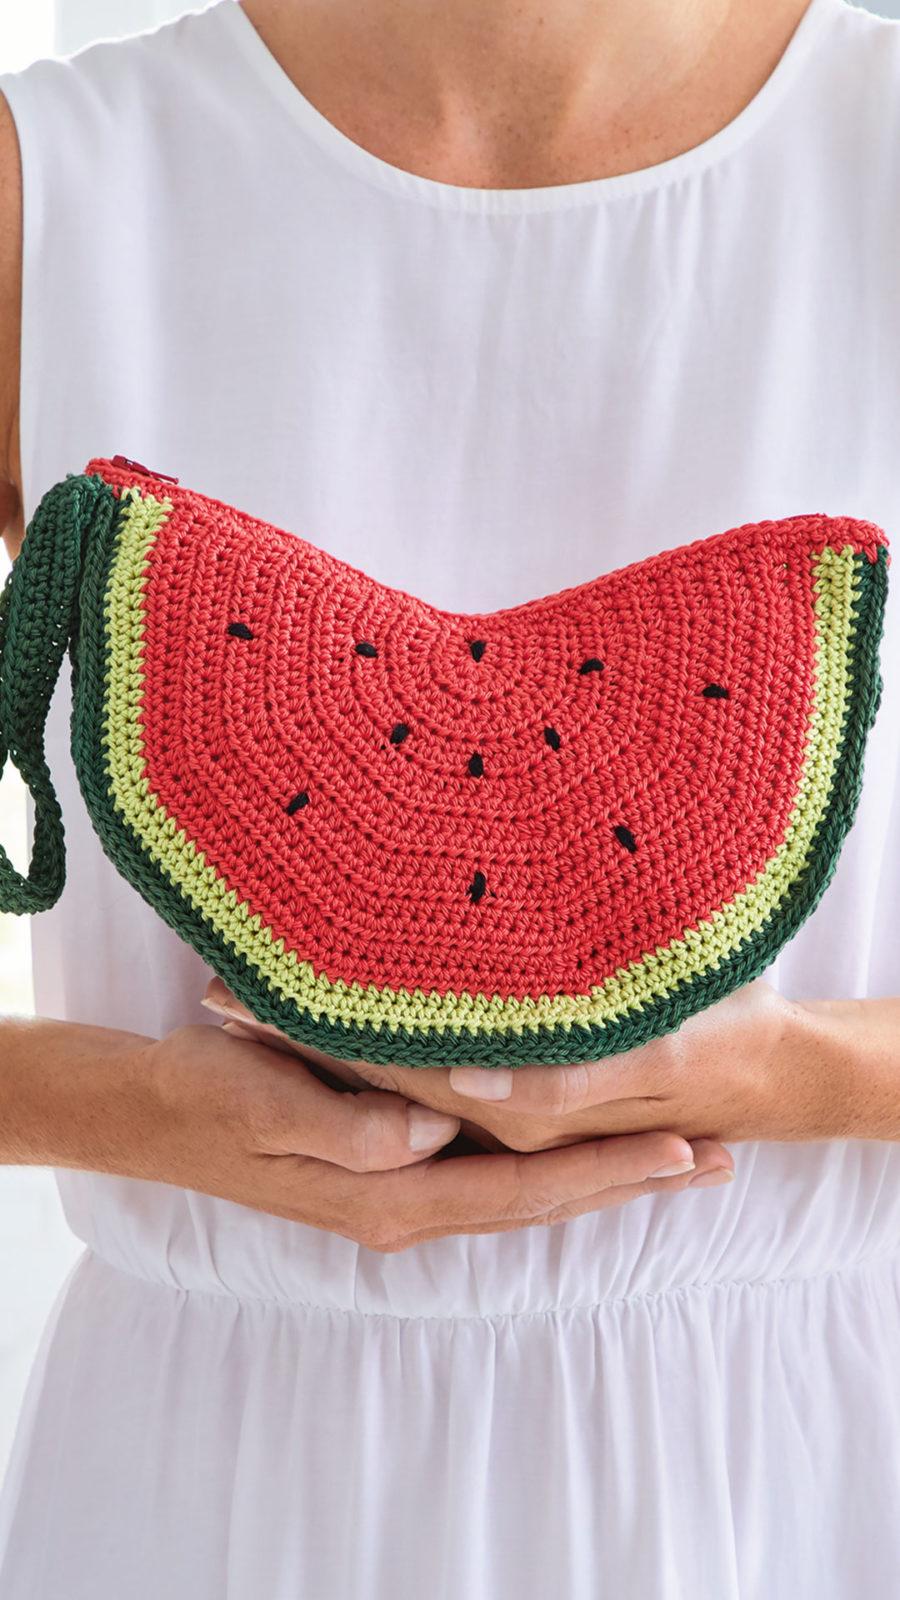 Melonen-Clutch häkeln – Häkelanleitung kostenlos